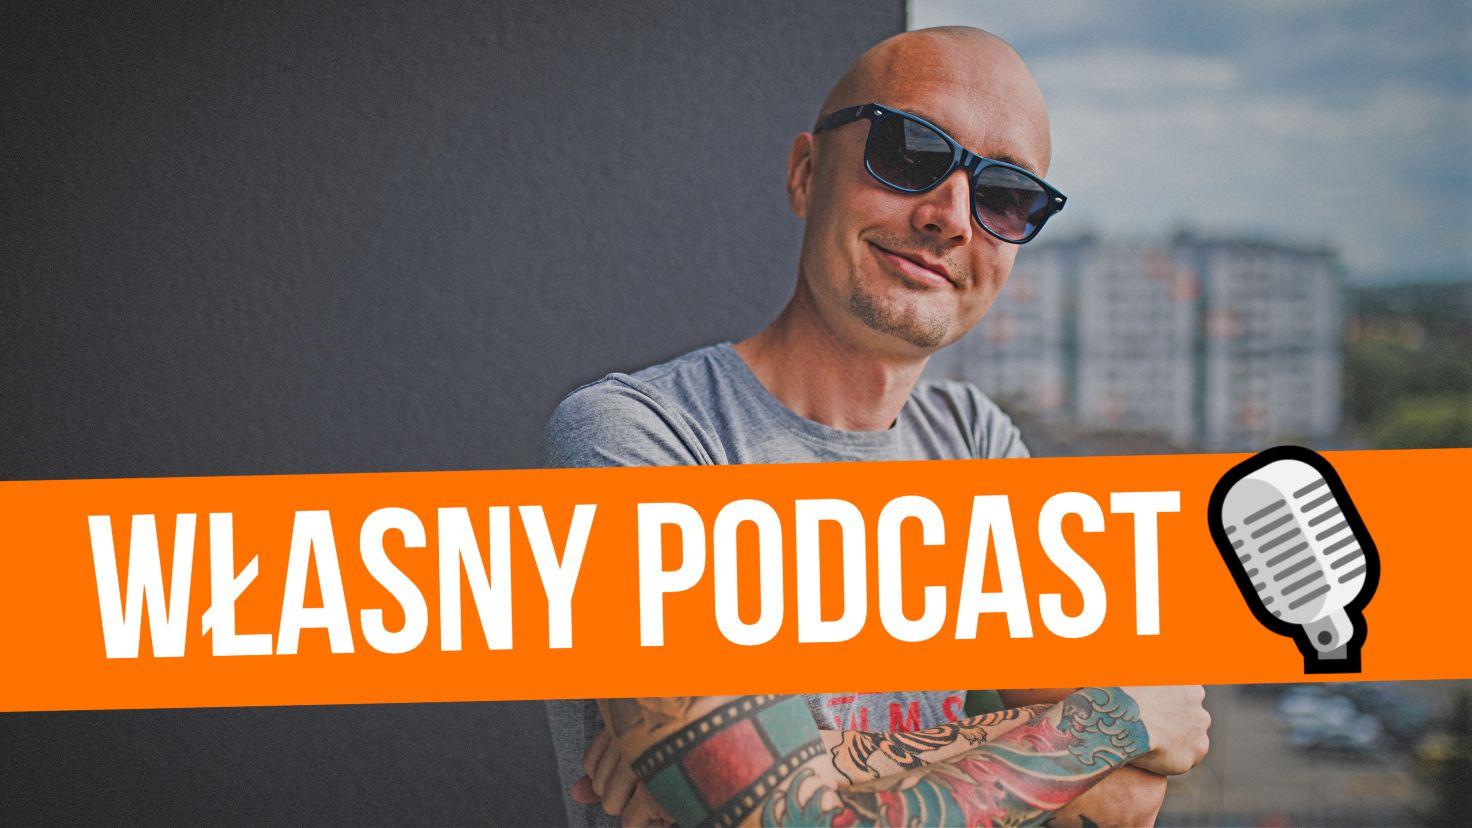 Własny podcast krok po kroku – jak stworzyć swój własny podcast